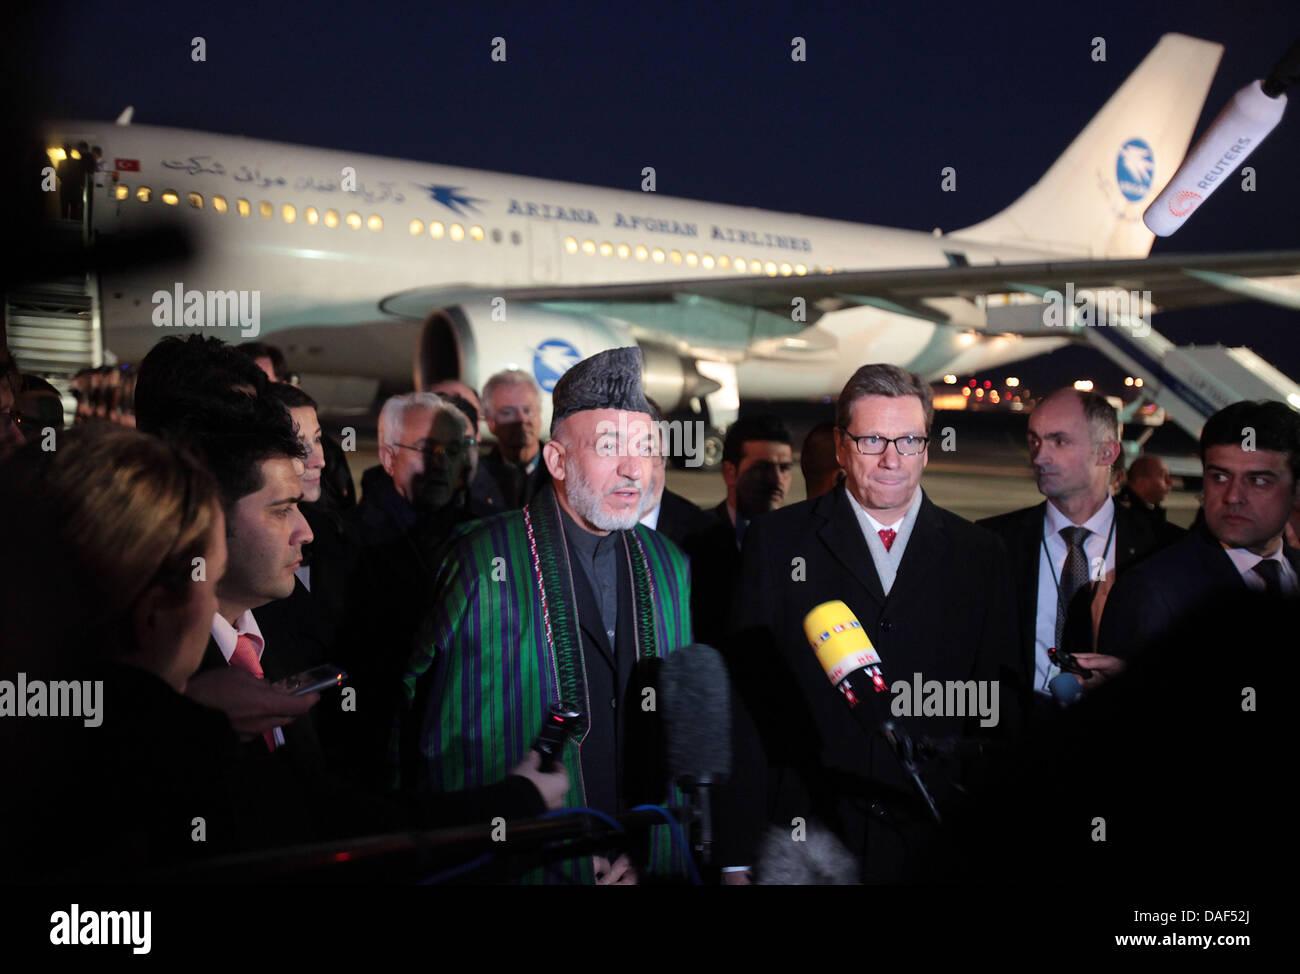 Le président afghan Hamid Karzaï (C) donne des interviews après avoir été accueilli par le ministre des Affaires étrangères allemand Guido Westerwelle (3-R) après son arrivée à l'aéroport de Cologne-Bonn à Cologne, Allemagne, 02 décembre 2011. Hamid Karzai a la présidence de la Conférence internationale sur l'Afghanistan à Bonn le 05 décembre 2011. Photo: OLIVER BERG Banque D'Images